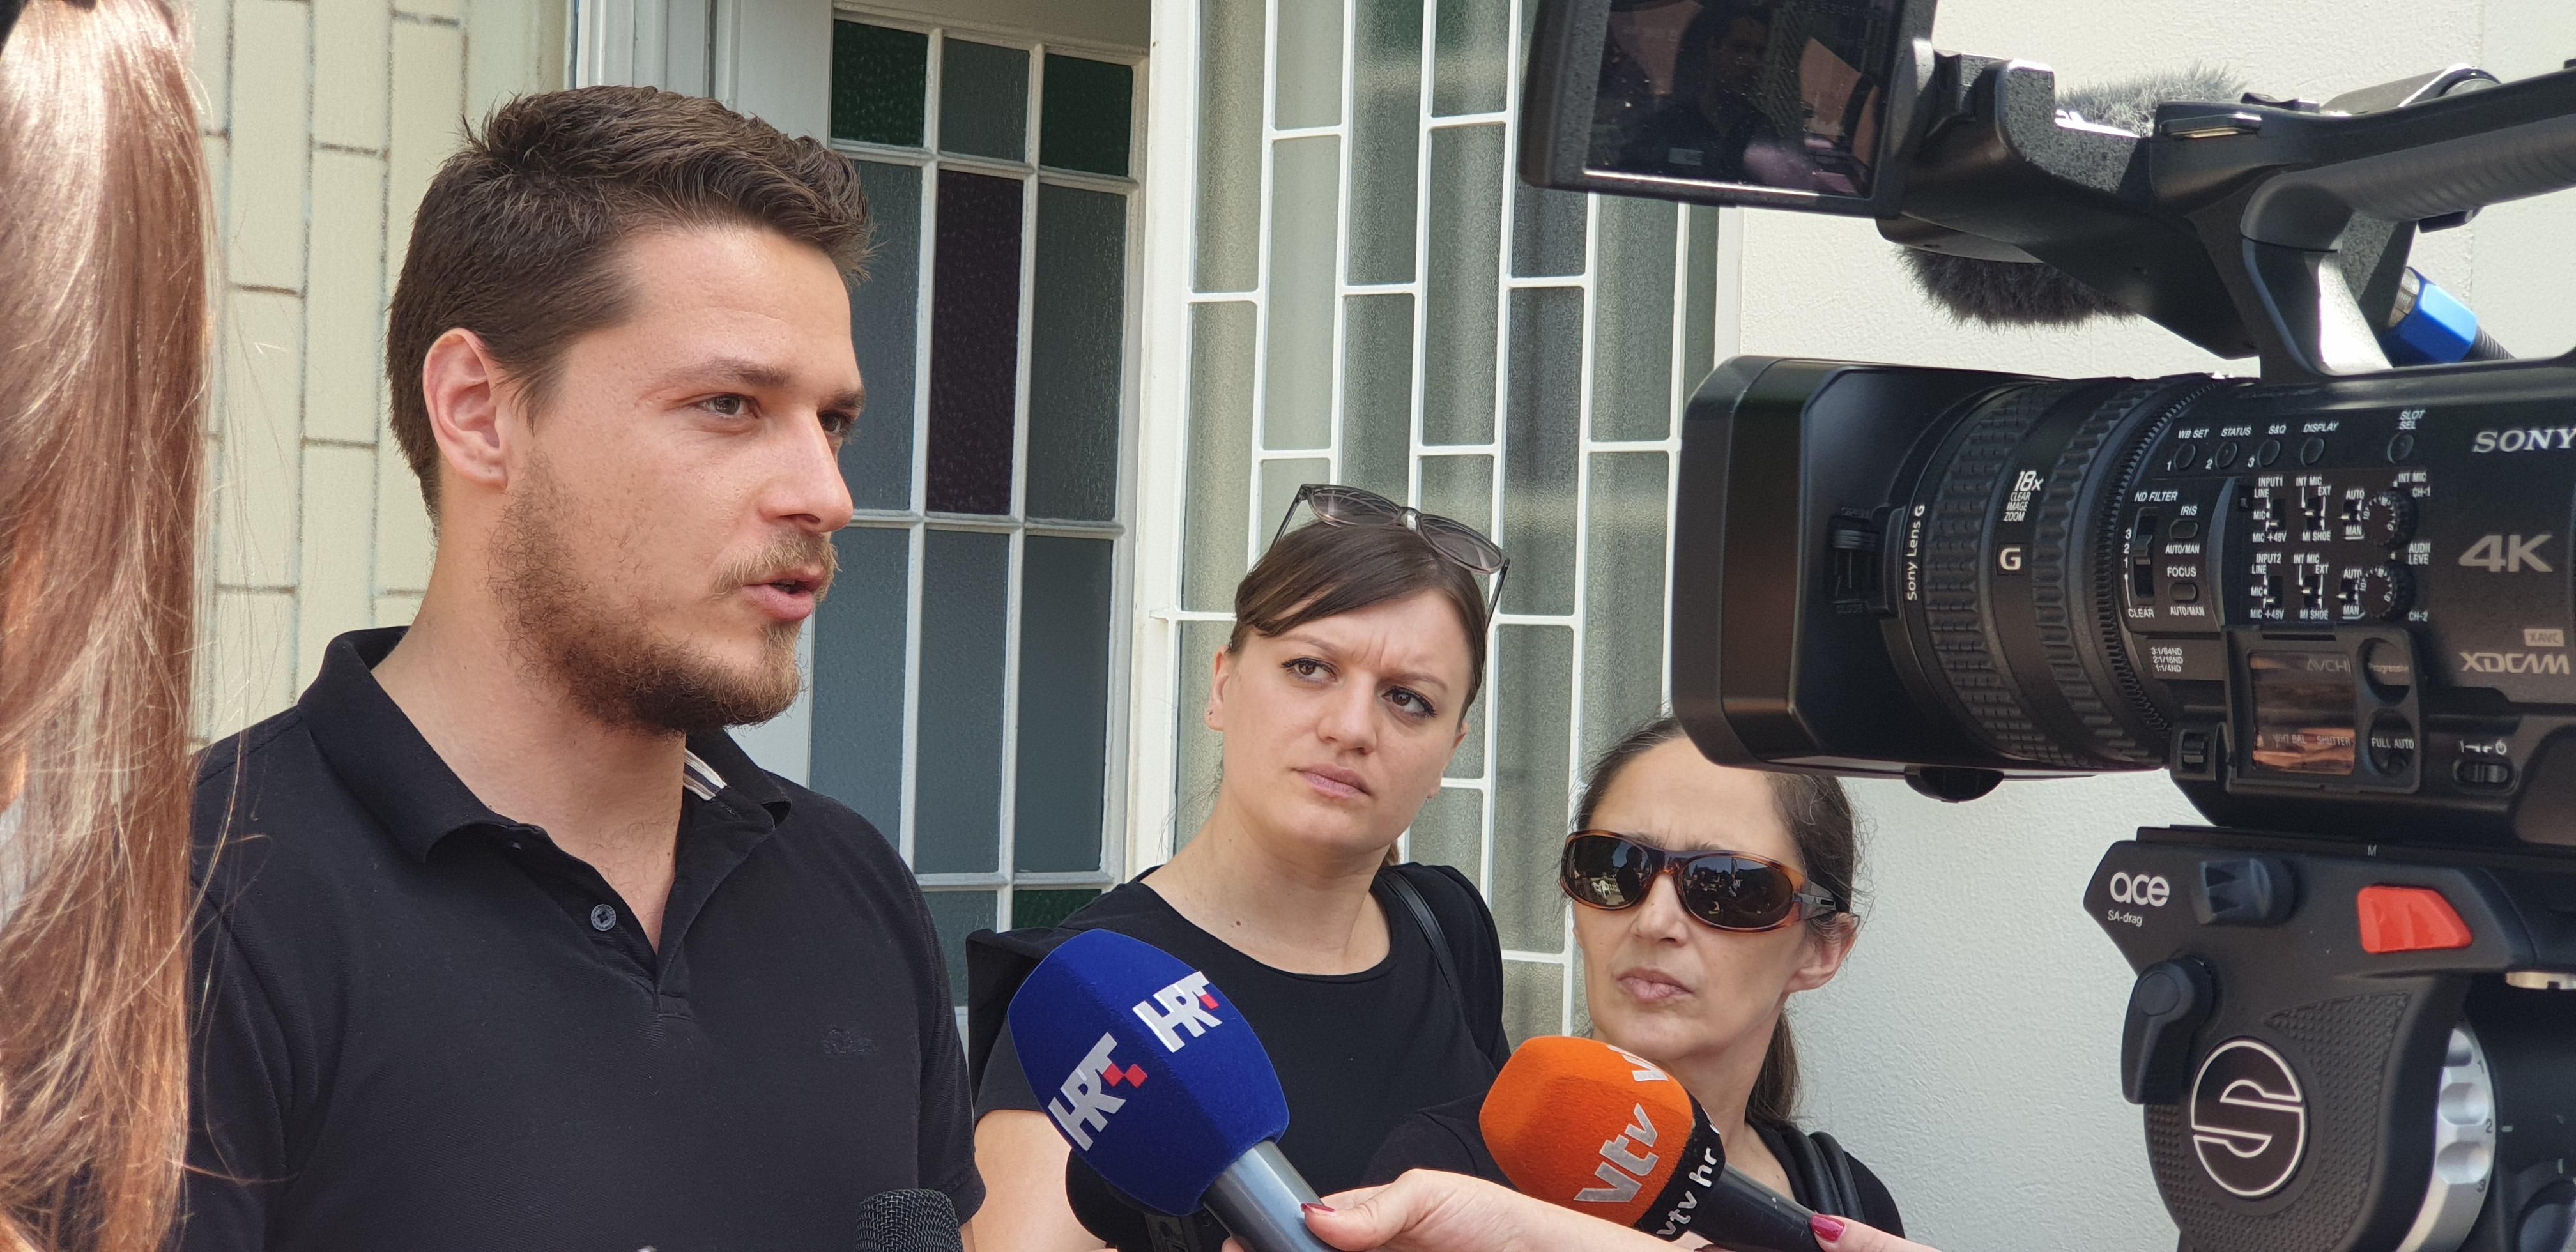 Nino Preložnjak, koordinator kandidature Varaždin za Europsku prijestolnicu mladih 2022.